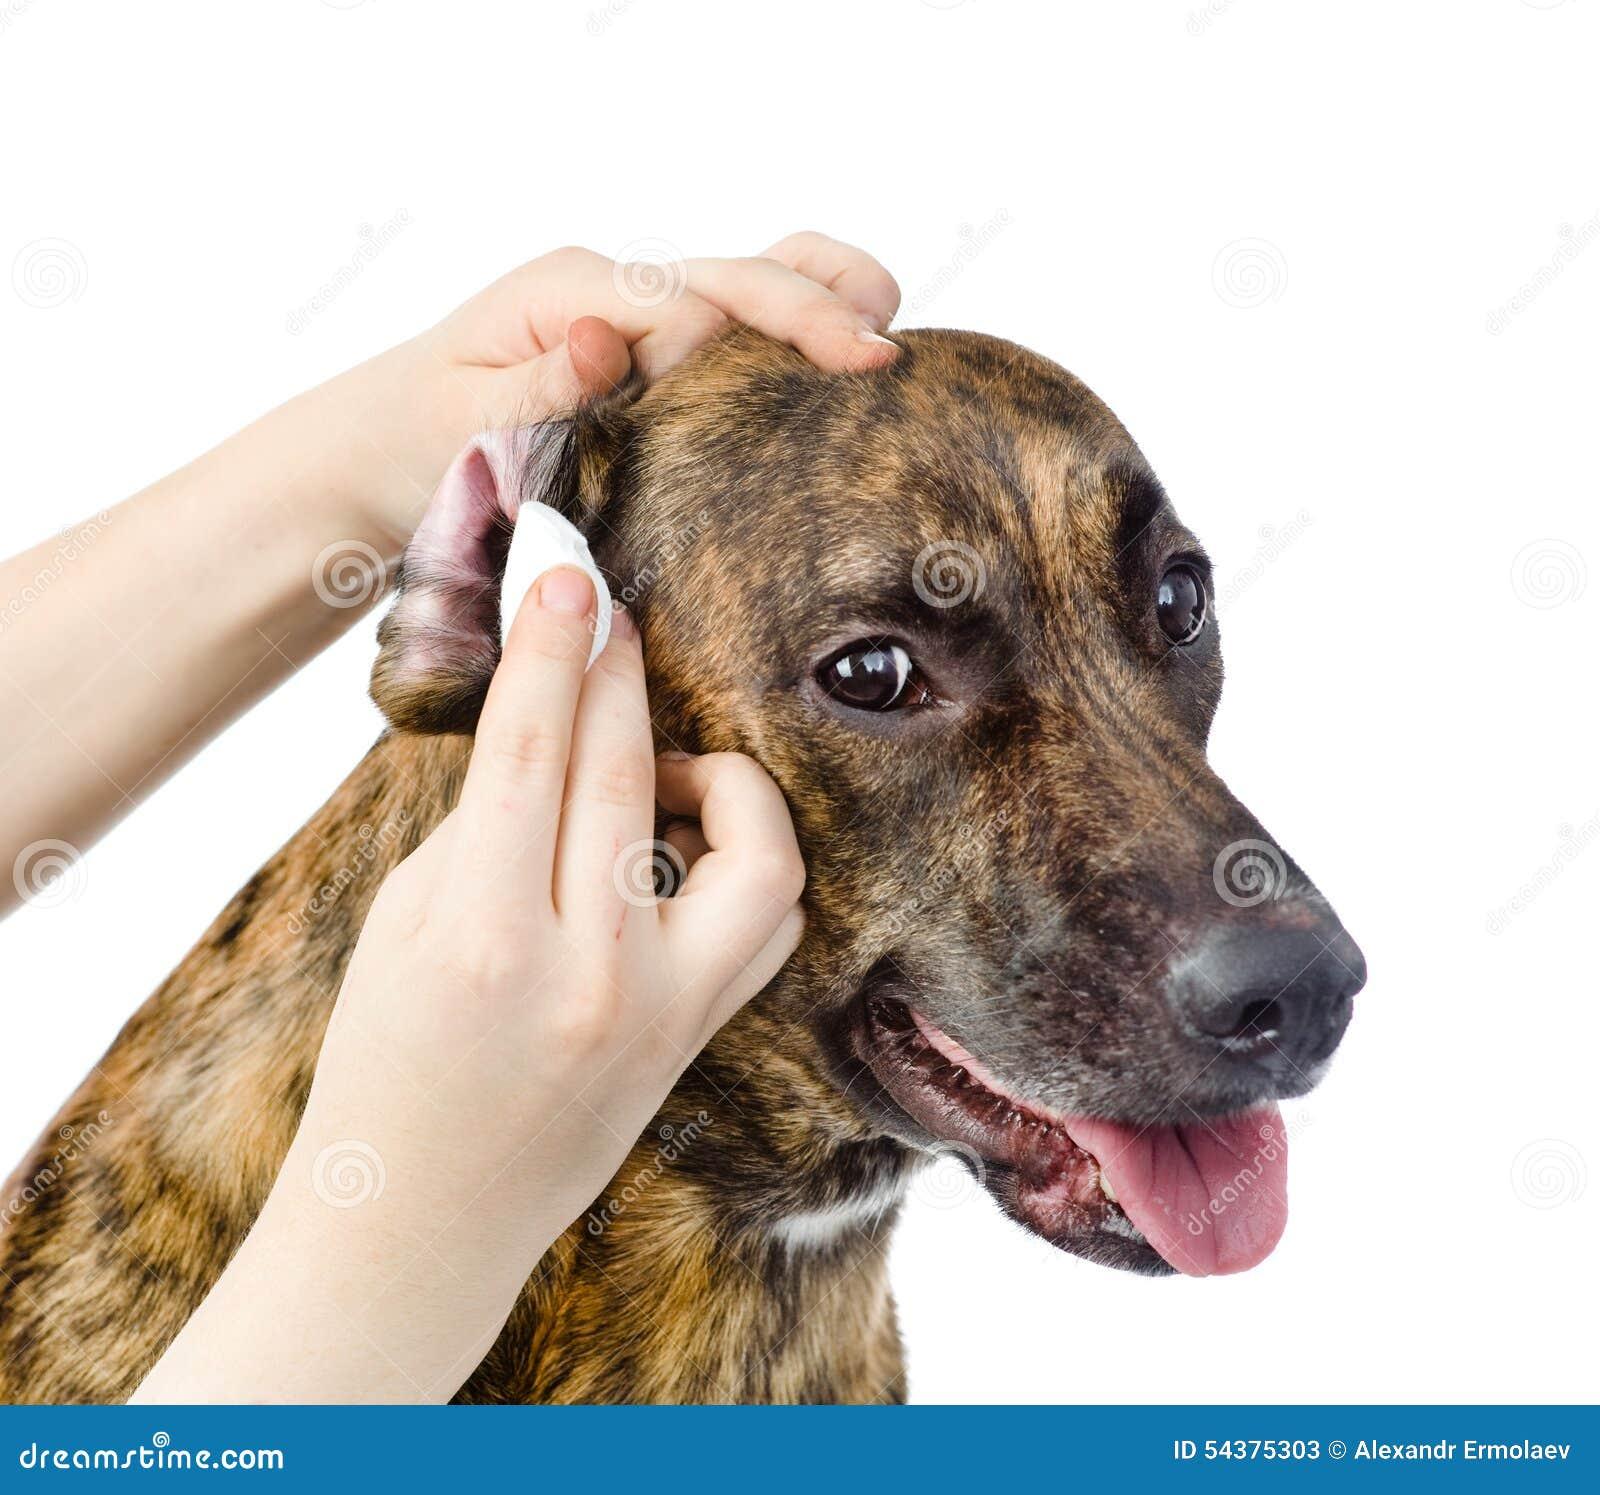 Как обрезать уши стаффорду в домашних условиях